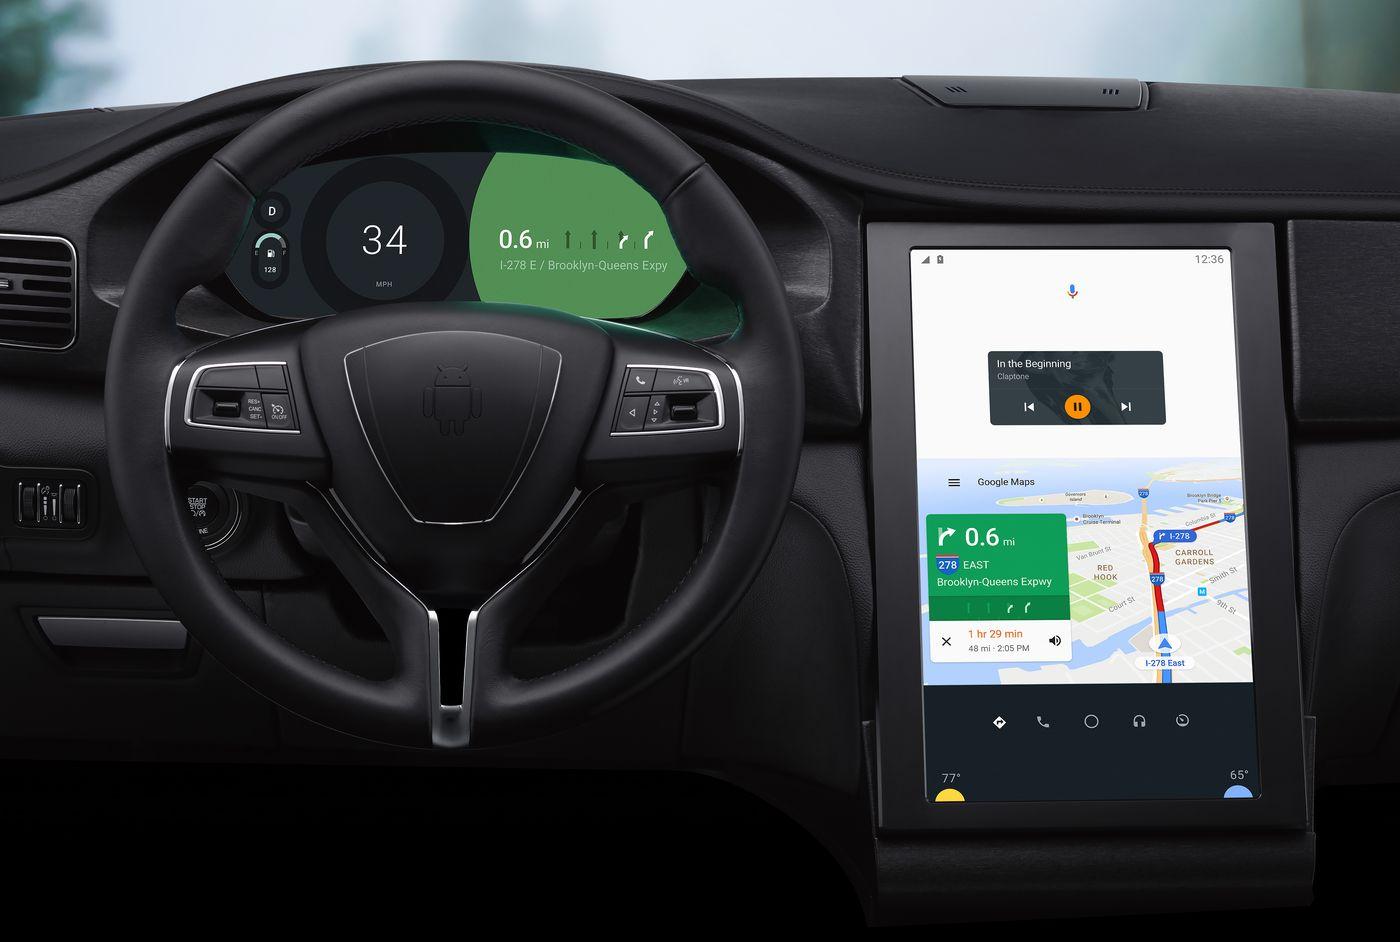 Android N a été pensé pour s'intégrer totalement aux voitures